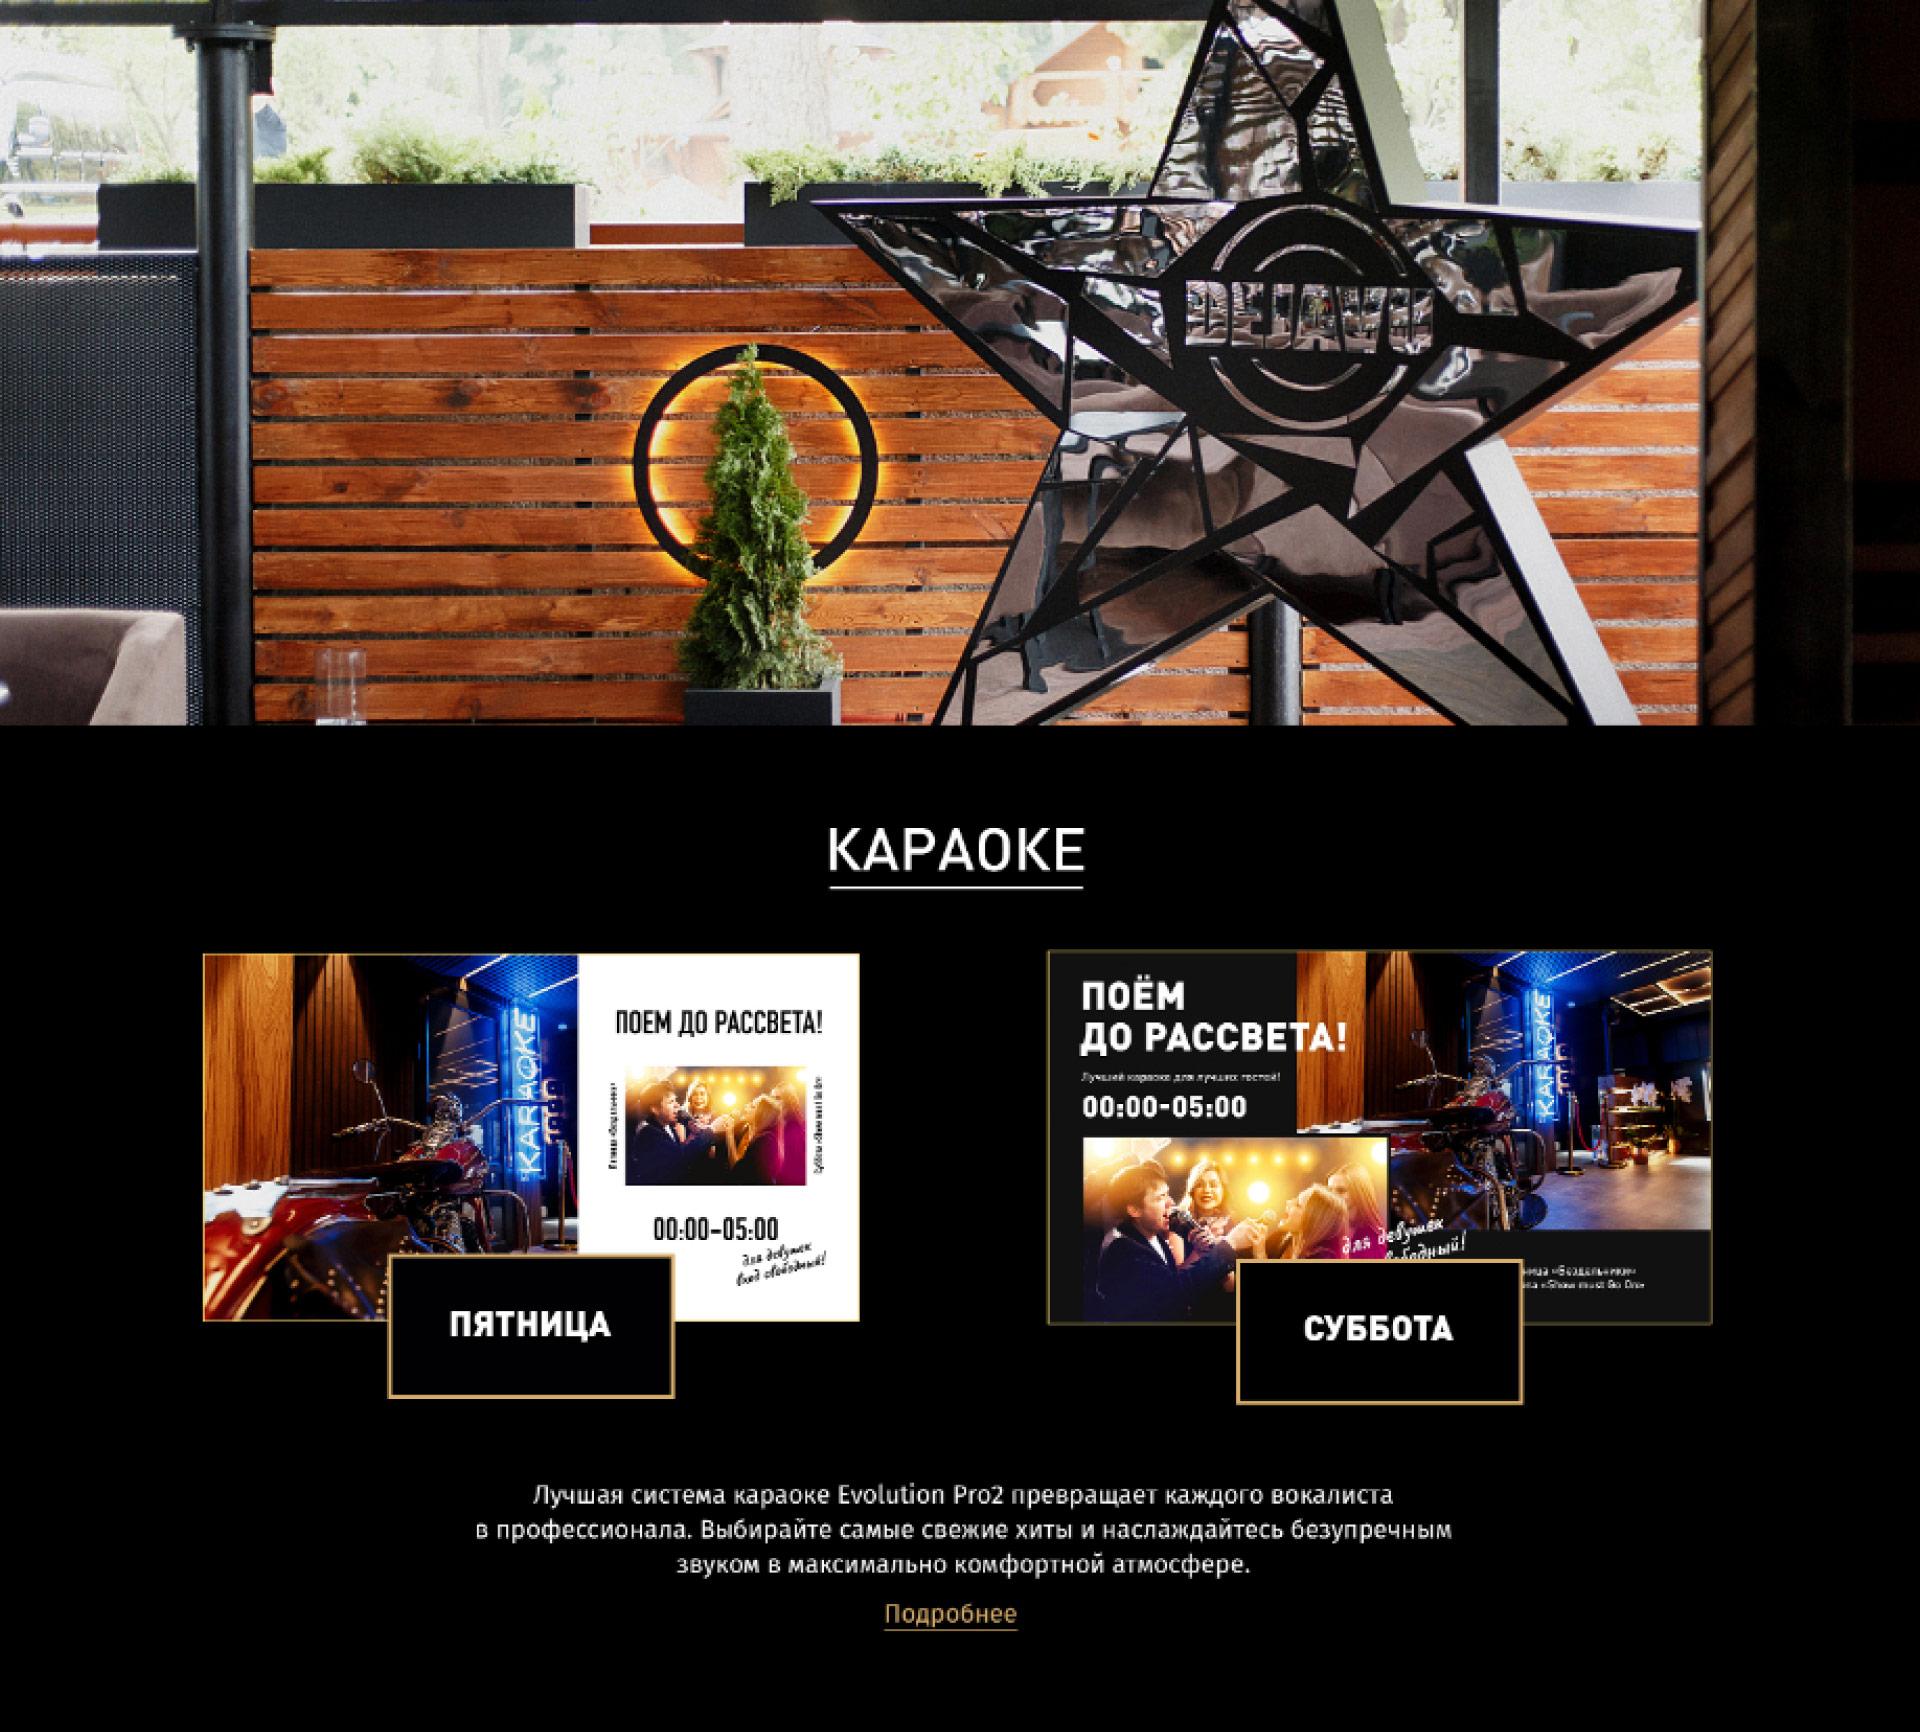 Создание сайта для легендарного ресторана. Лендинг, меню, визитки, полиграфия